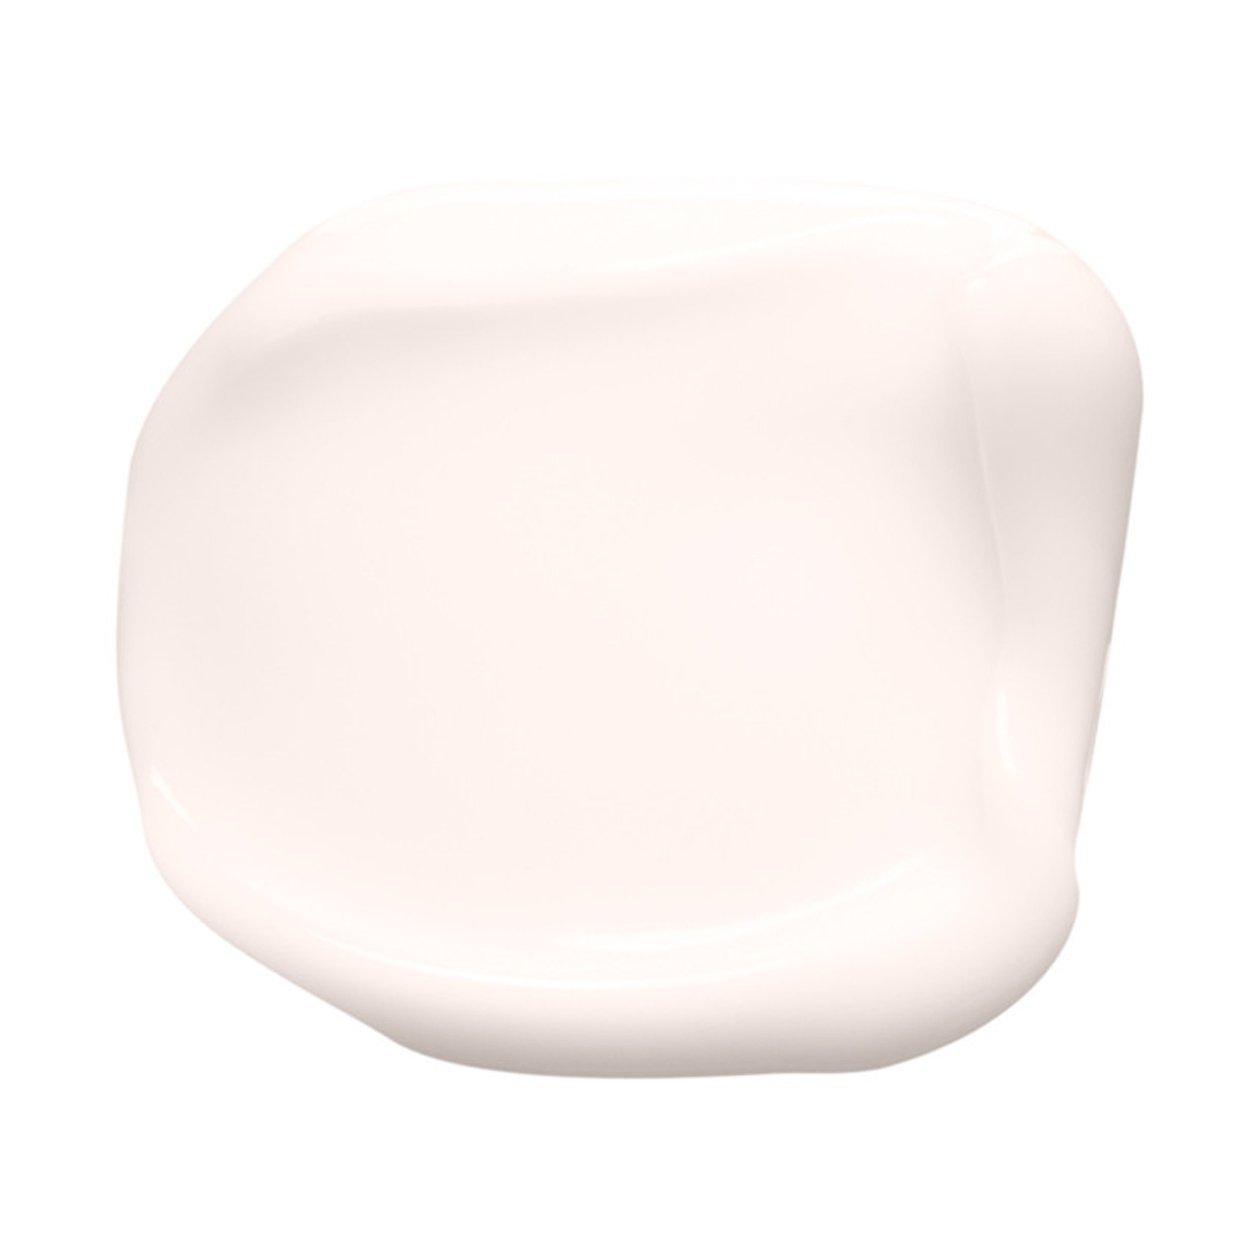 Clarins Multi-Active Day Cream, 50 ml 3380810045239 CLA00055